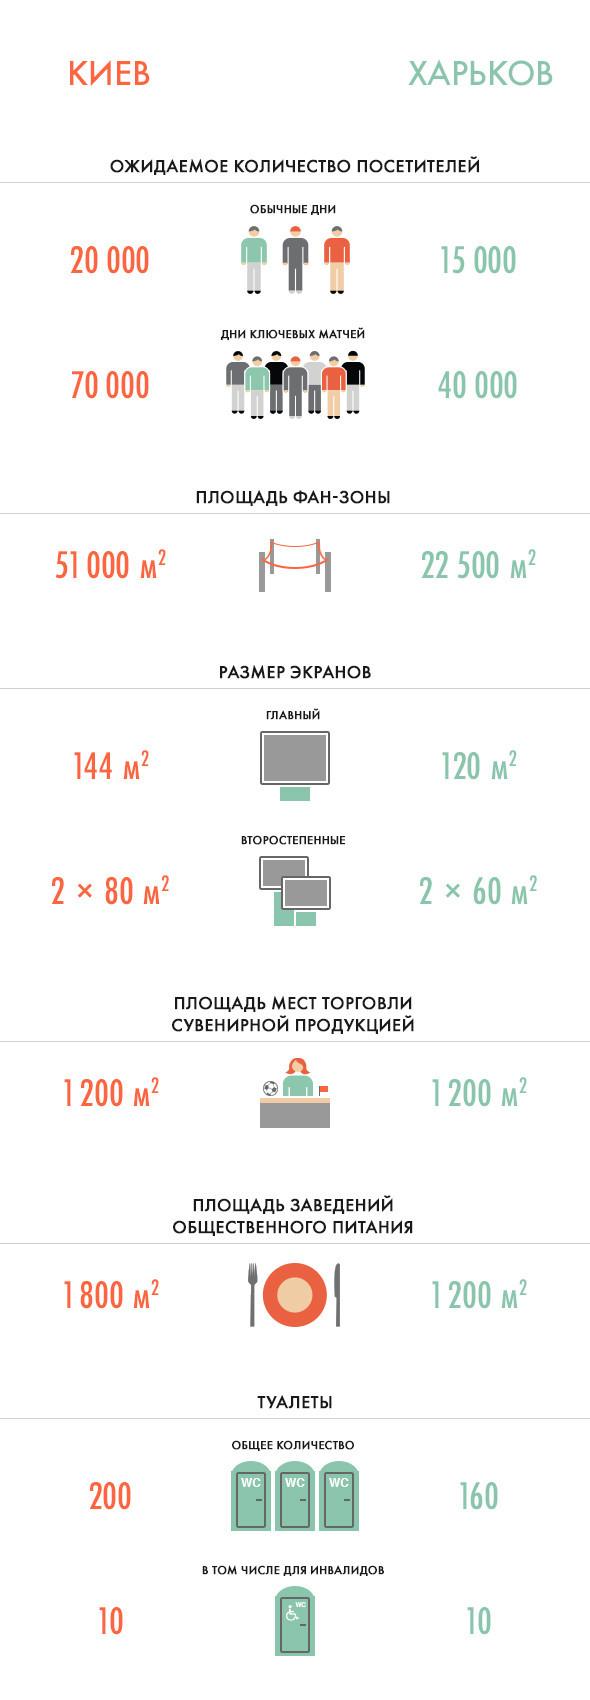 Фан-зона: Каким будет центр Киева во время Евро-2012. Зображення № 11.